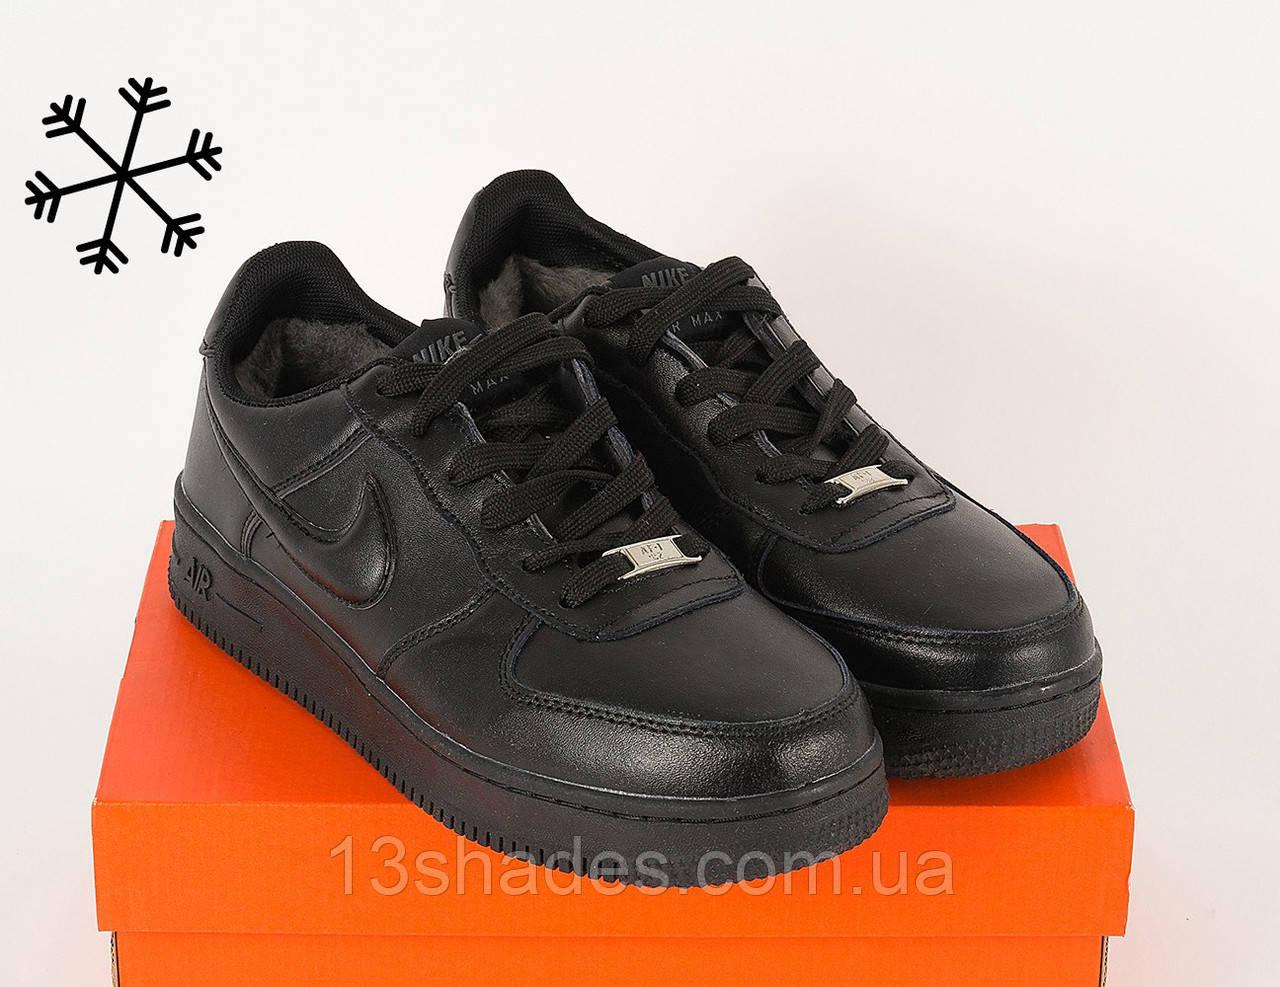 Кроссовки мужские зимние Nike Air Max Winter низкие ( Найк Аир Макс) чёрный  - Интернет 419ab7ef48d